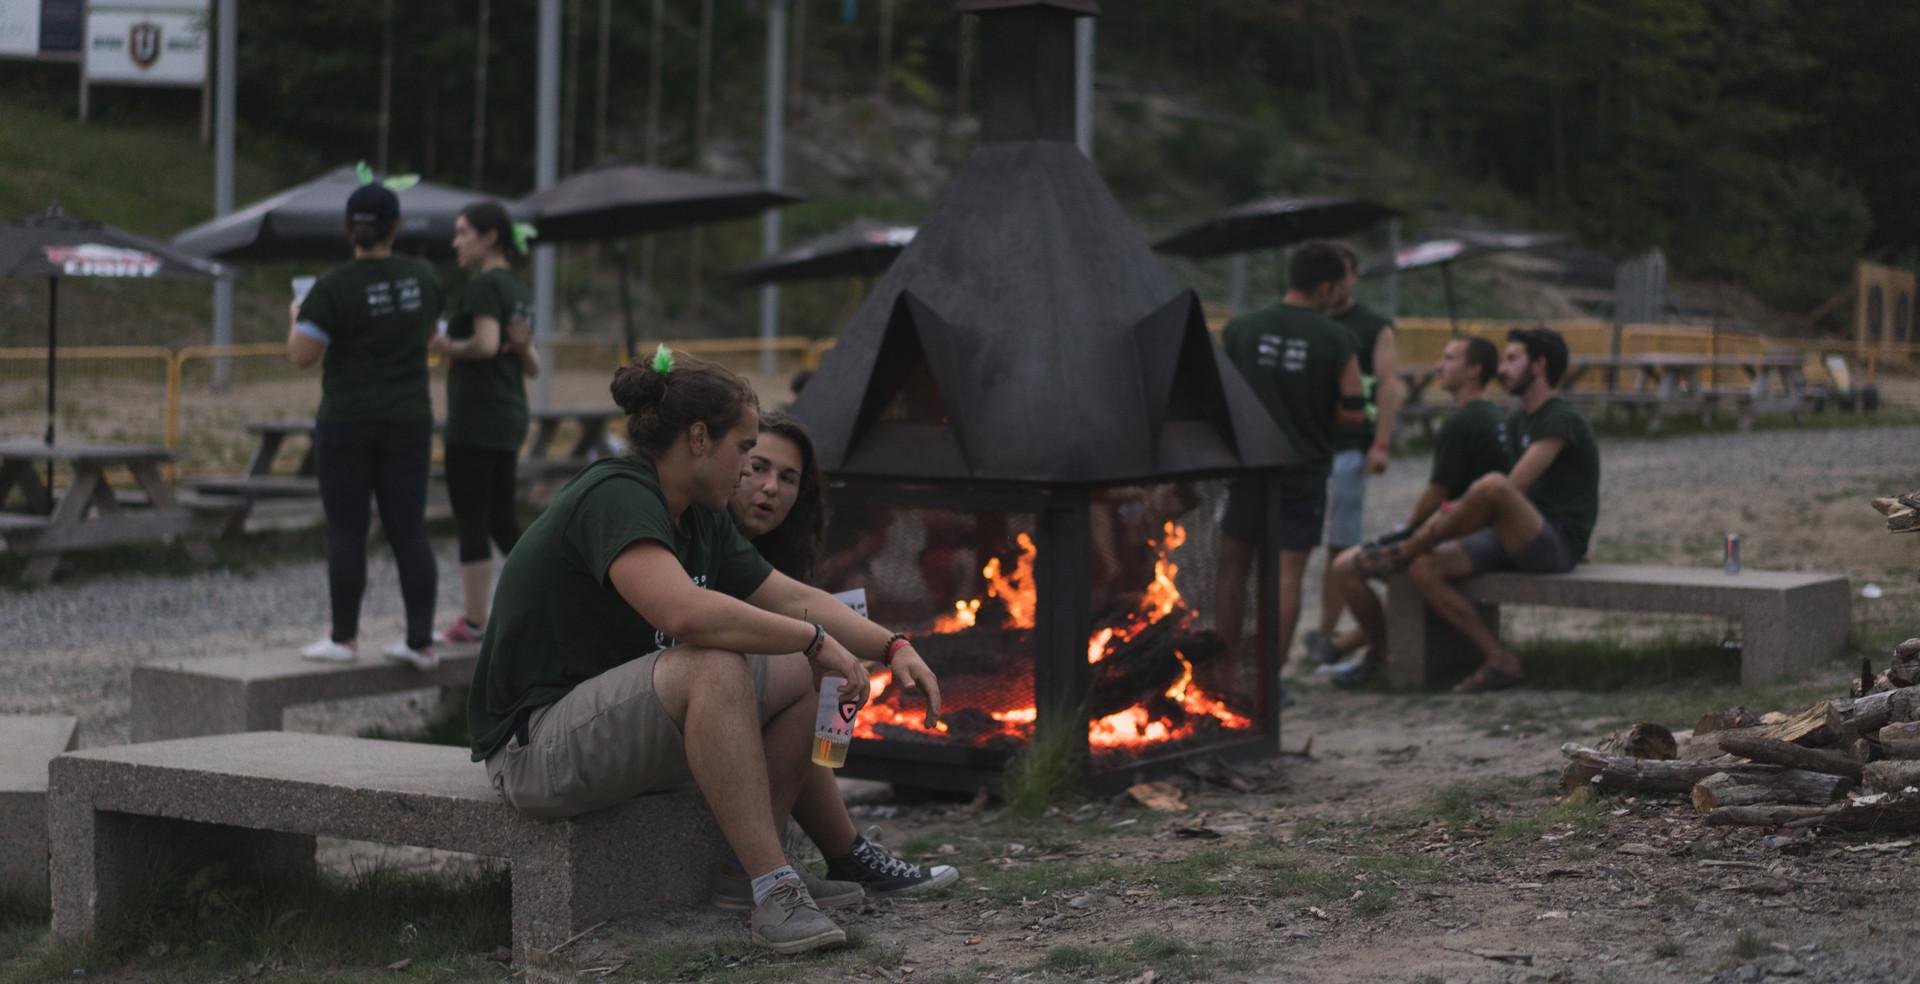 GROUPES UNIVERSITAIRES 45 DEGRÉS NORD